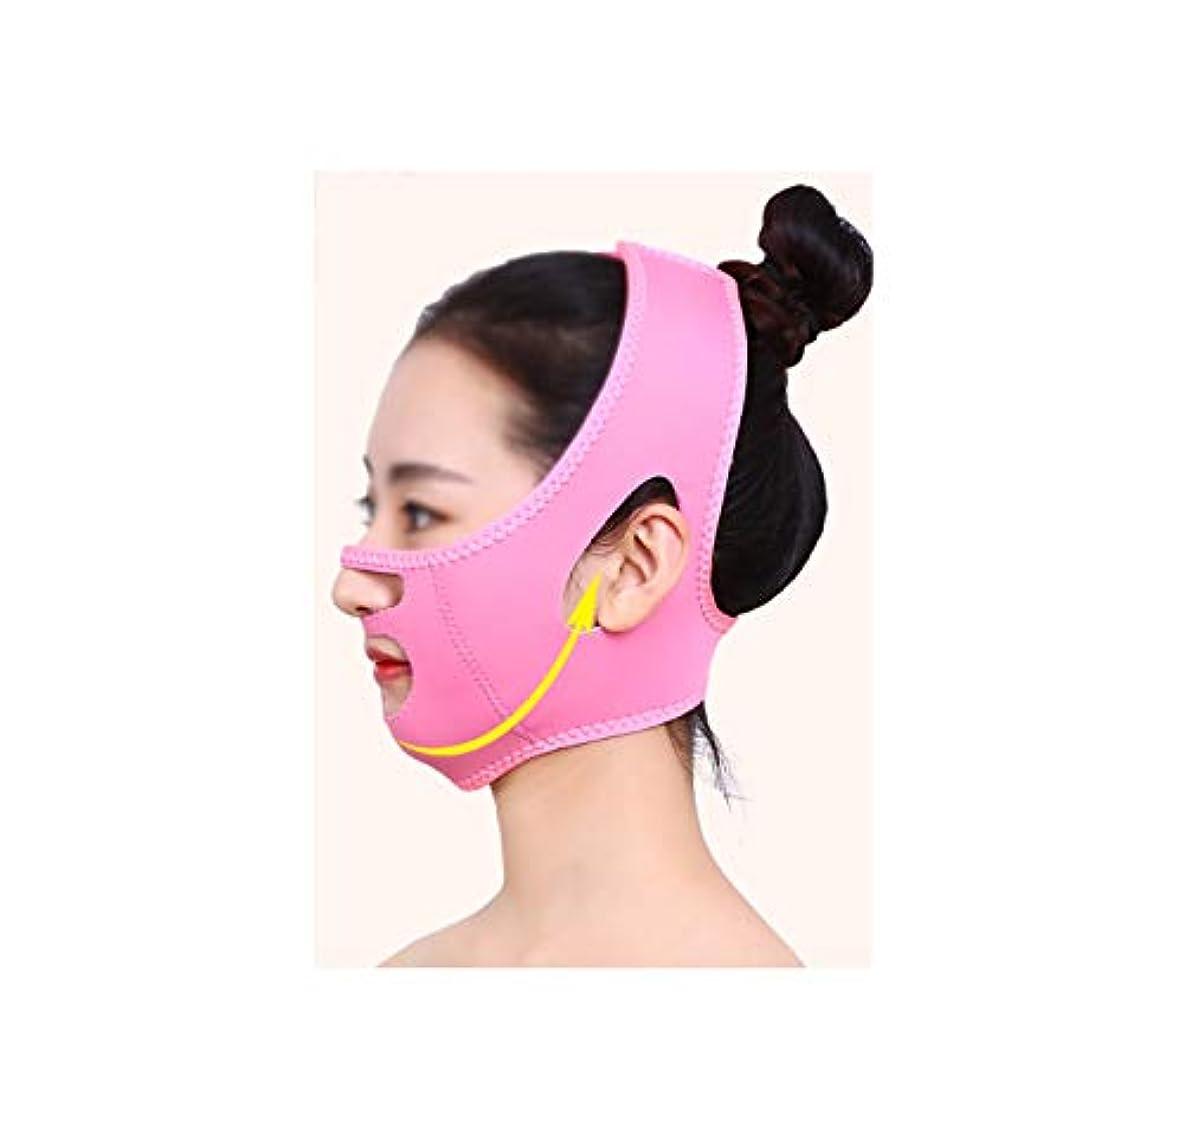 どうしたのカバレッジ洪水GLJJQMY 薄い顔マスクマスク顔機美容機器ローラー顔薄い顔Vフェイスマスク二重あご包帯アーティファクト 顔用整形マスク